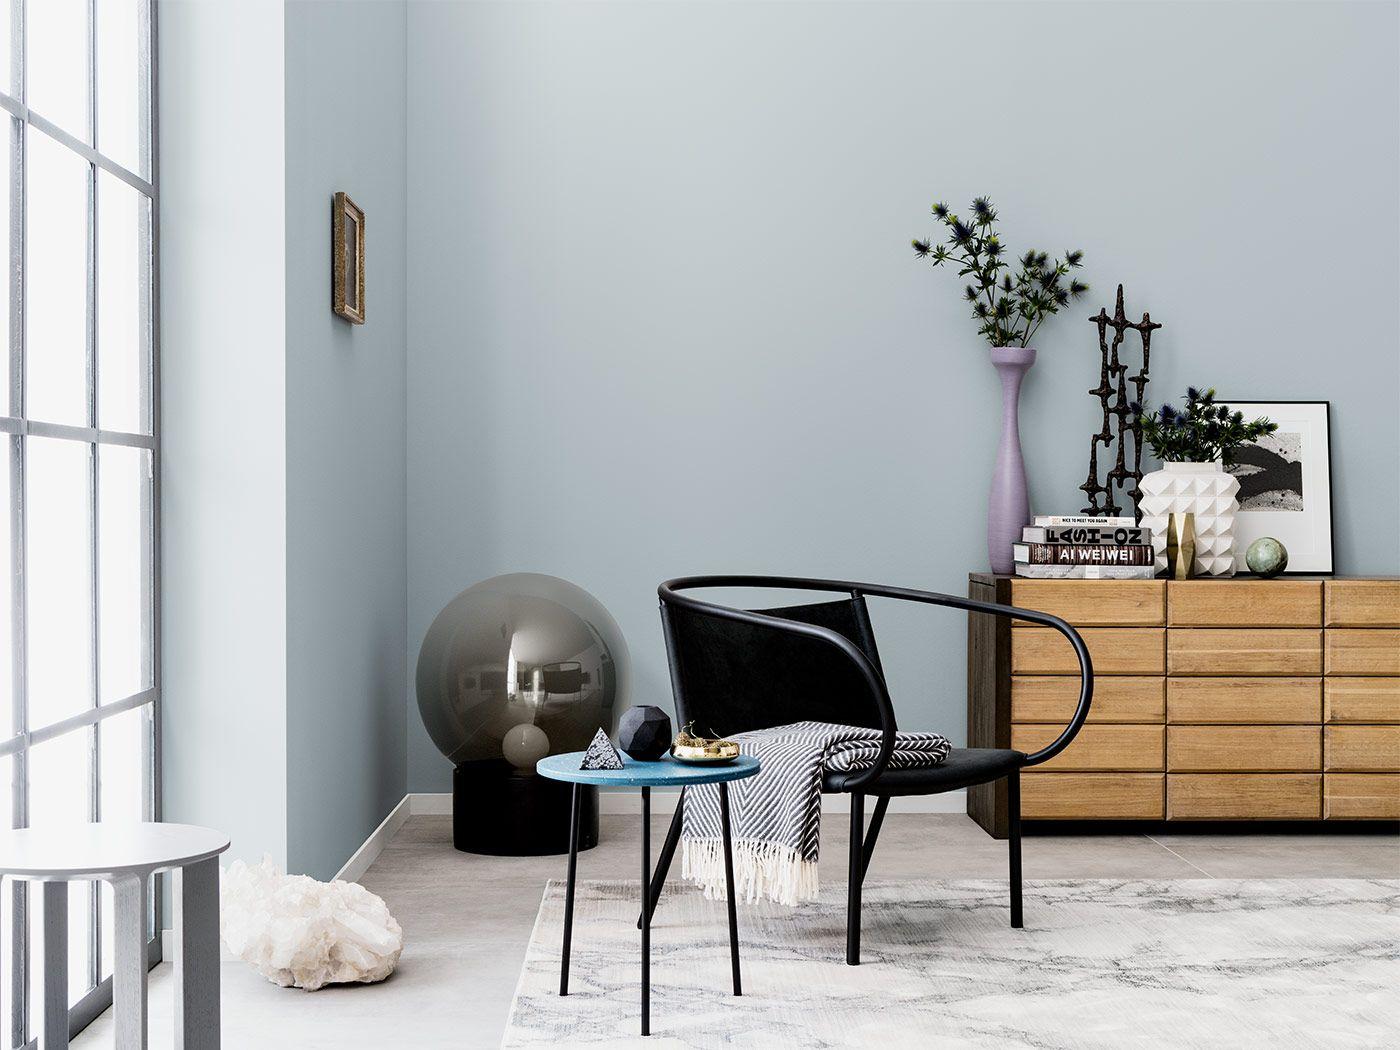 Riverwalk Architects Finest Schoner Wohnen Farbe Schoner Wohnen Farbe Schoner Wohnen Wandfarbe Schoner Wohnen Trendfarbe